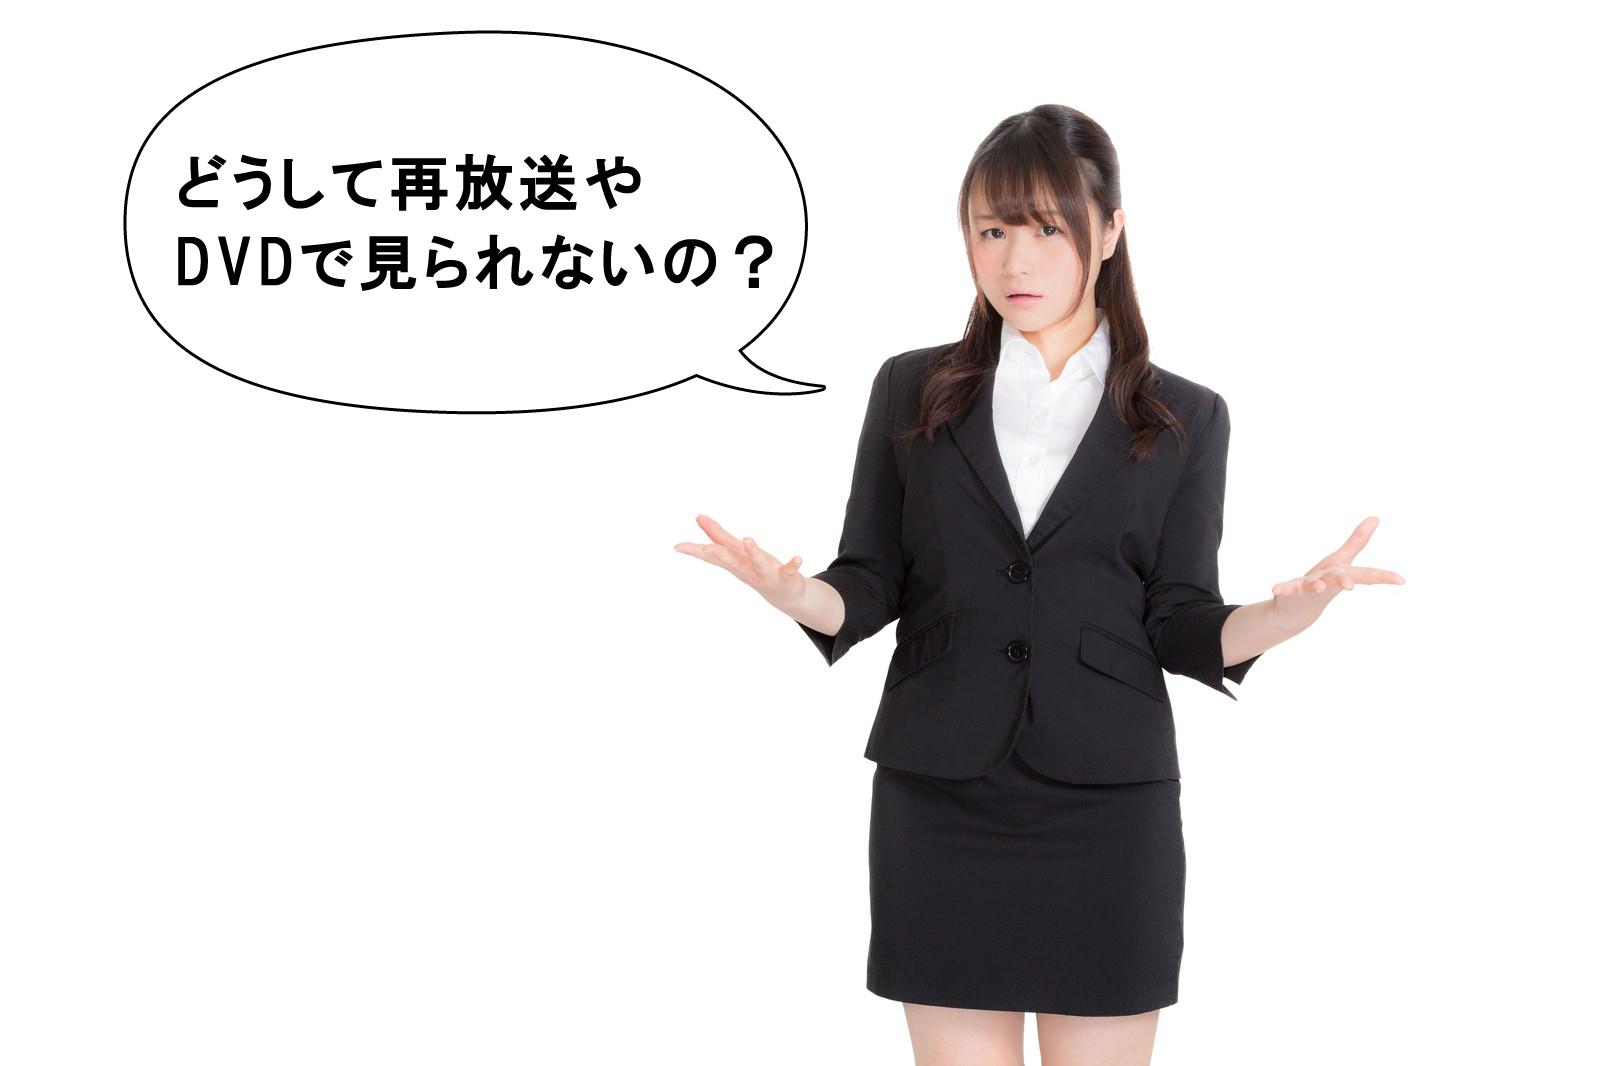 話しかける女性